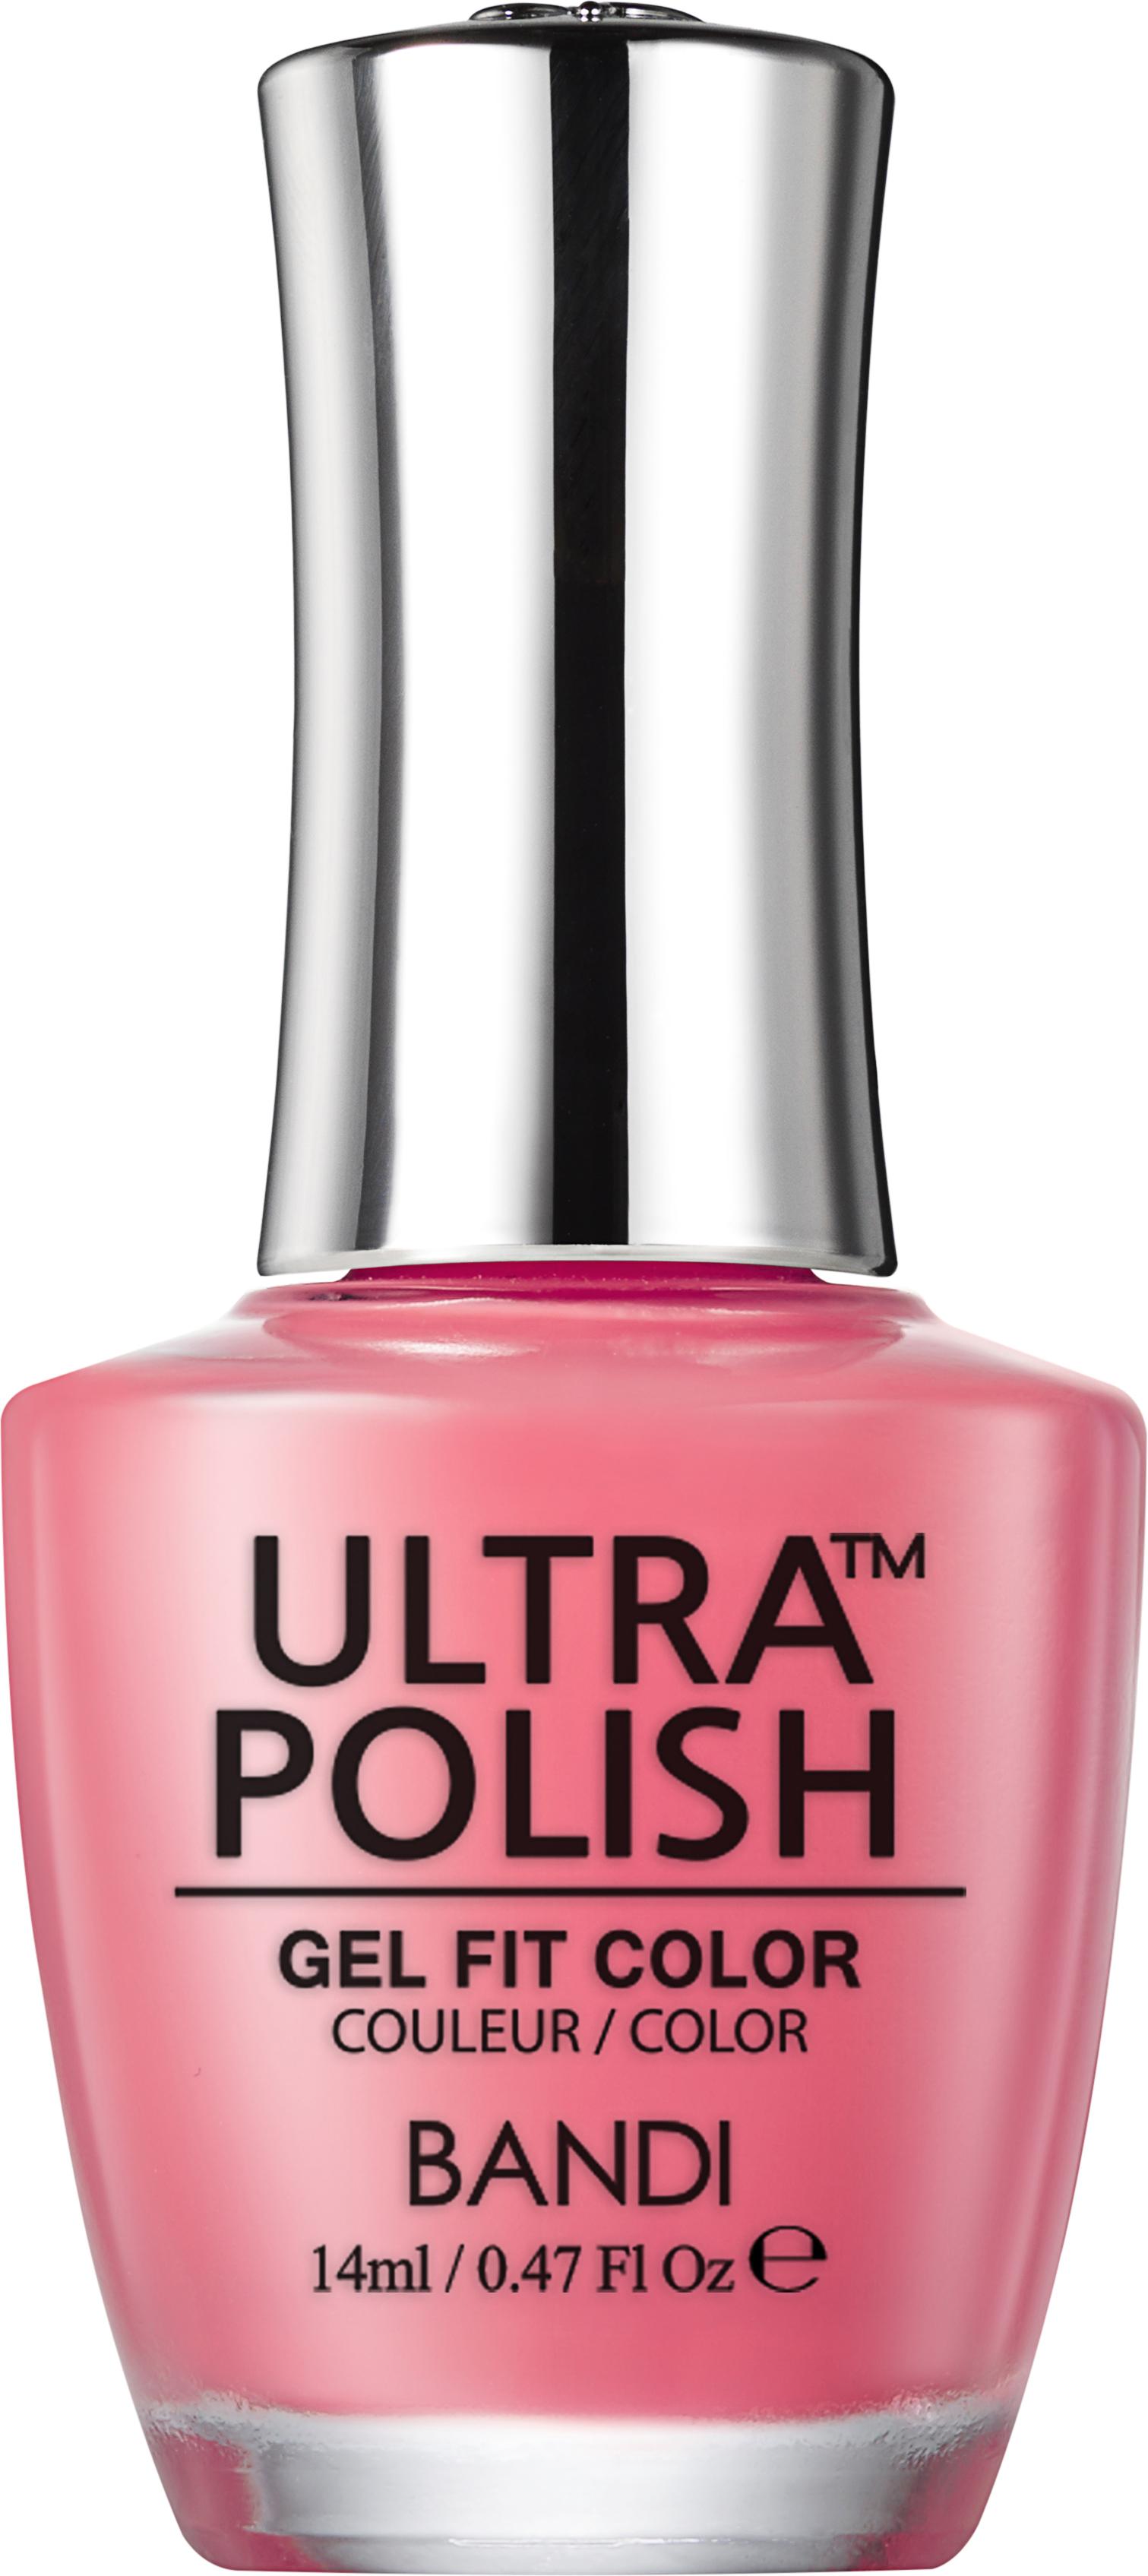 Купить BANDI UP112 ультра-покрытие долговременное цветное для ногтей / ULTRA POLISH GEL FIT COLOR 14 мл, Розовые